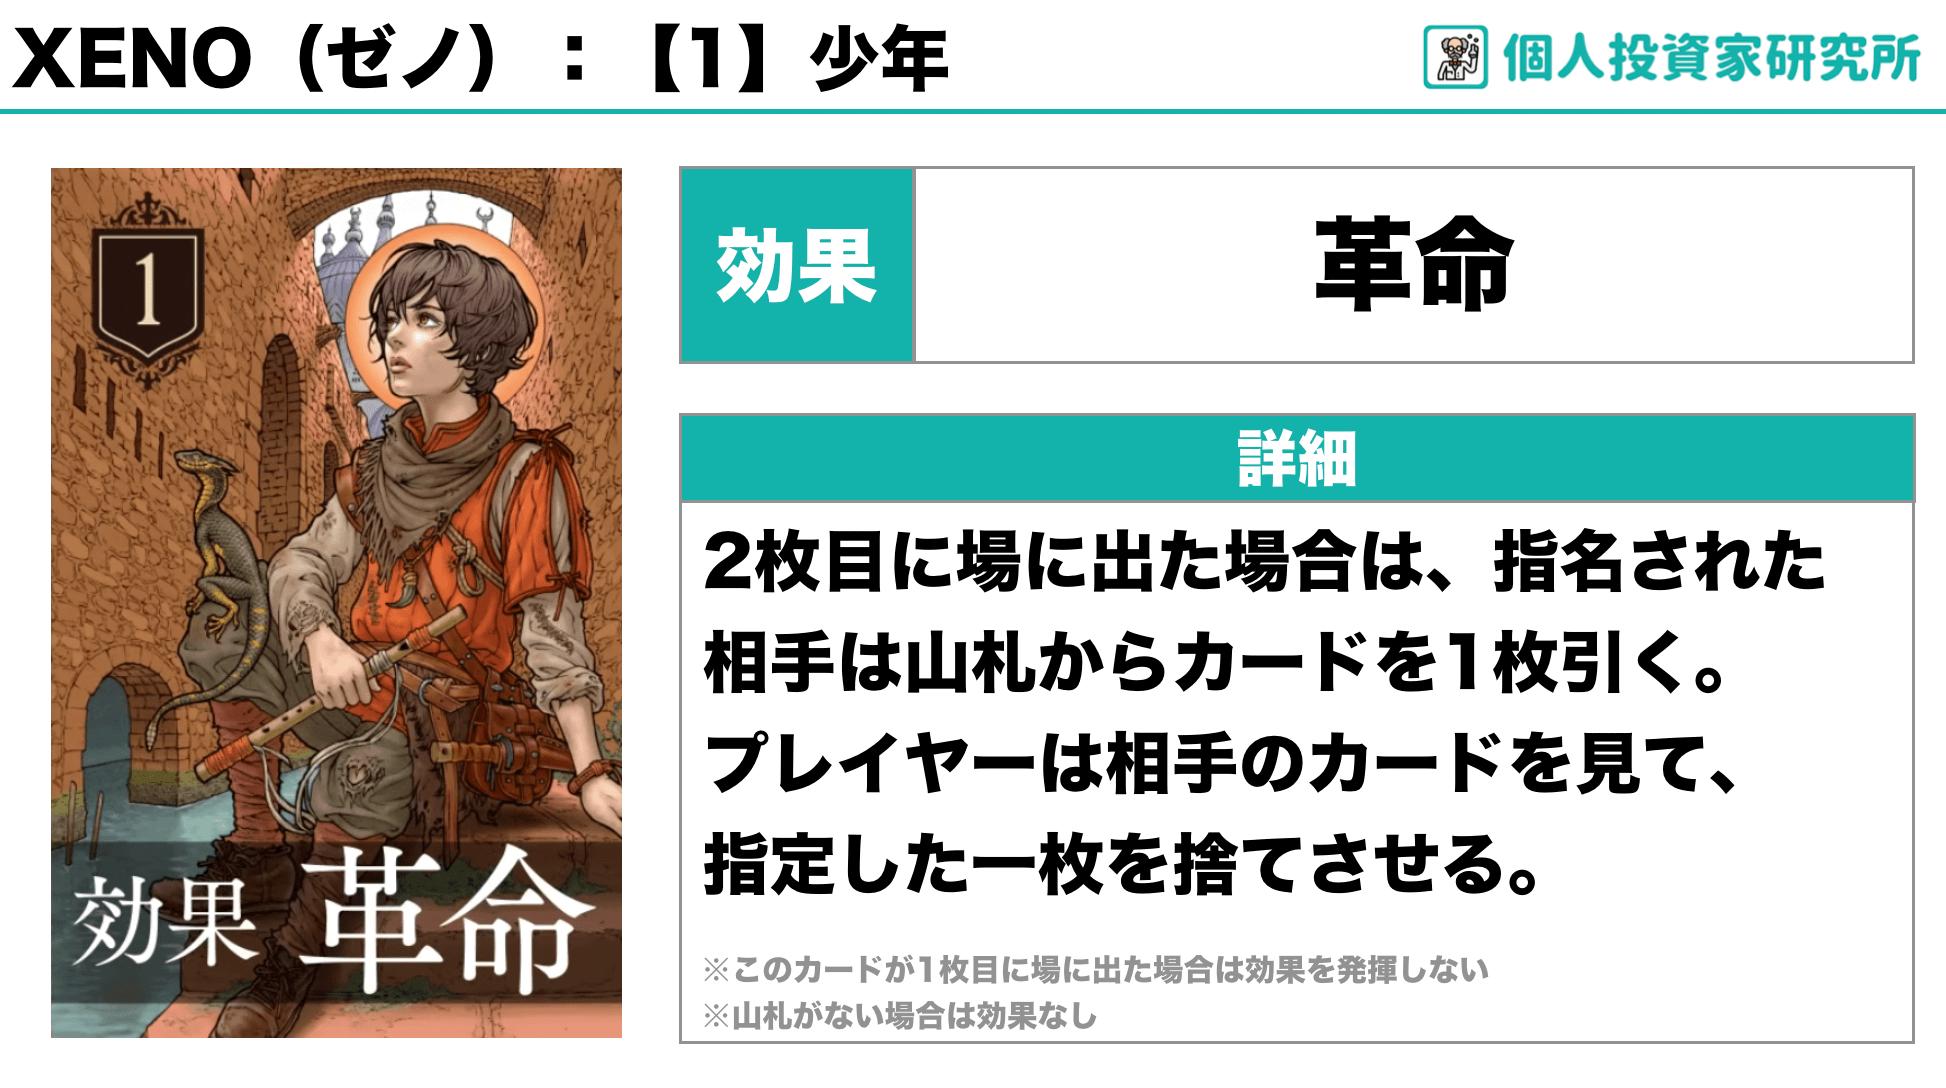 【ルール_カードの効果】中田敦彦さん考案のカードゲーム・XENO(ゼノ)1